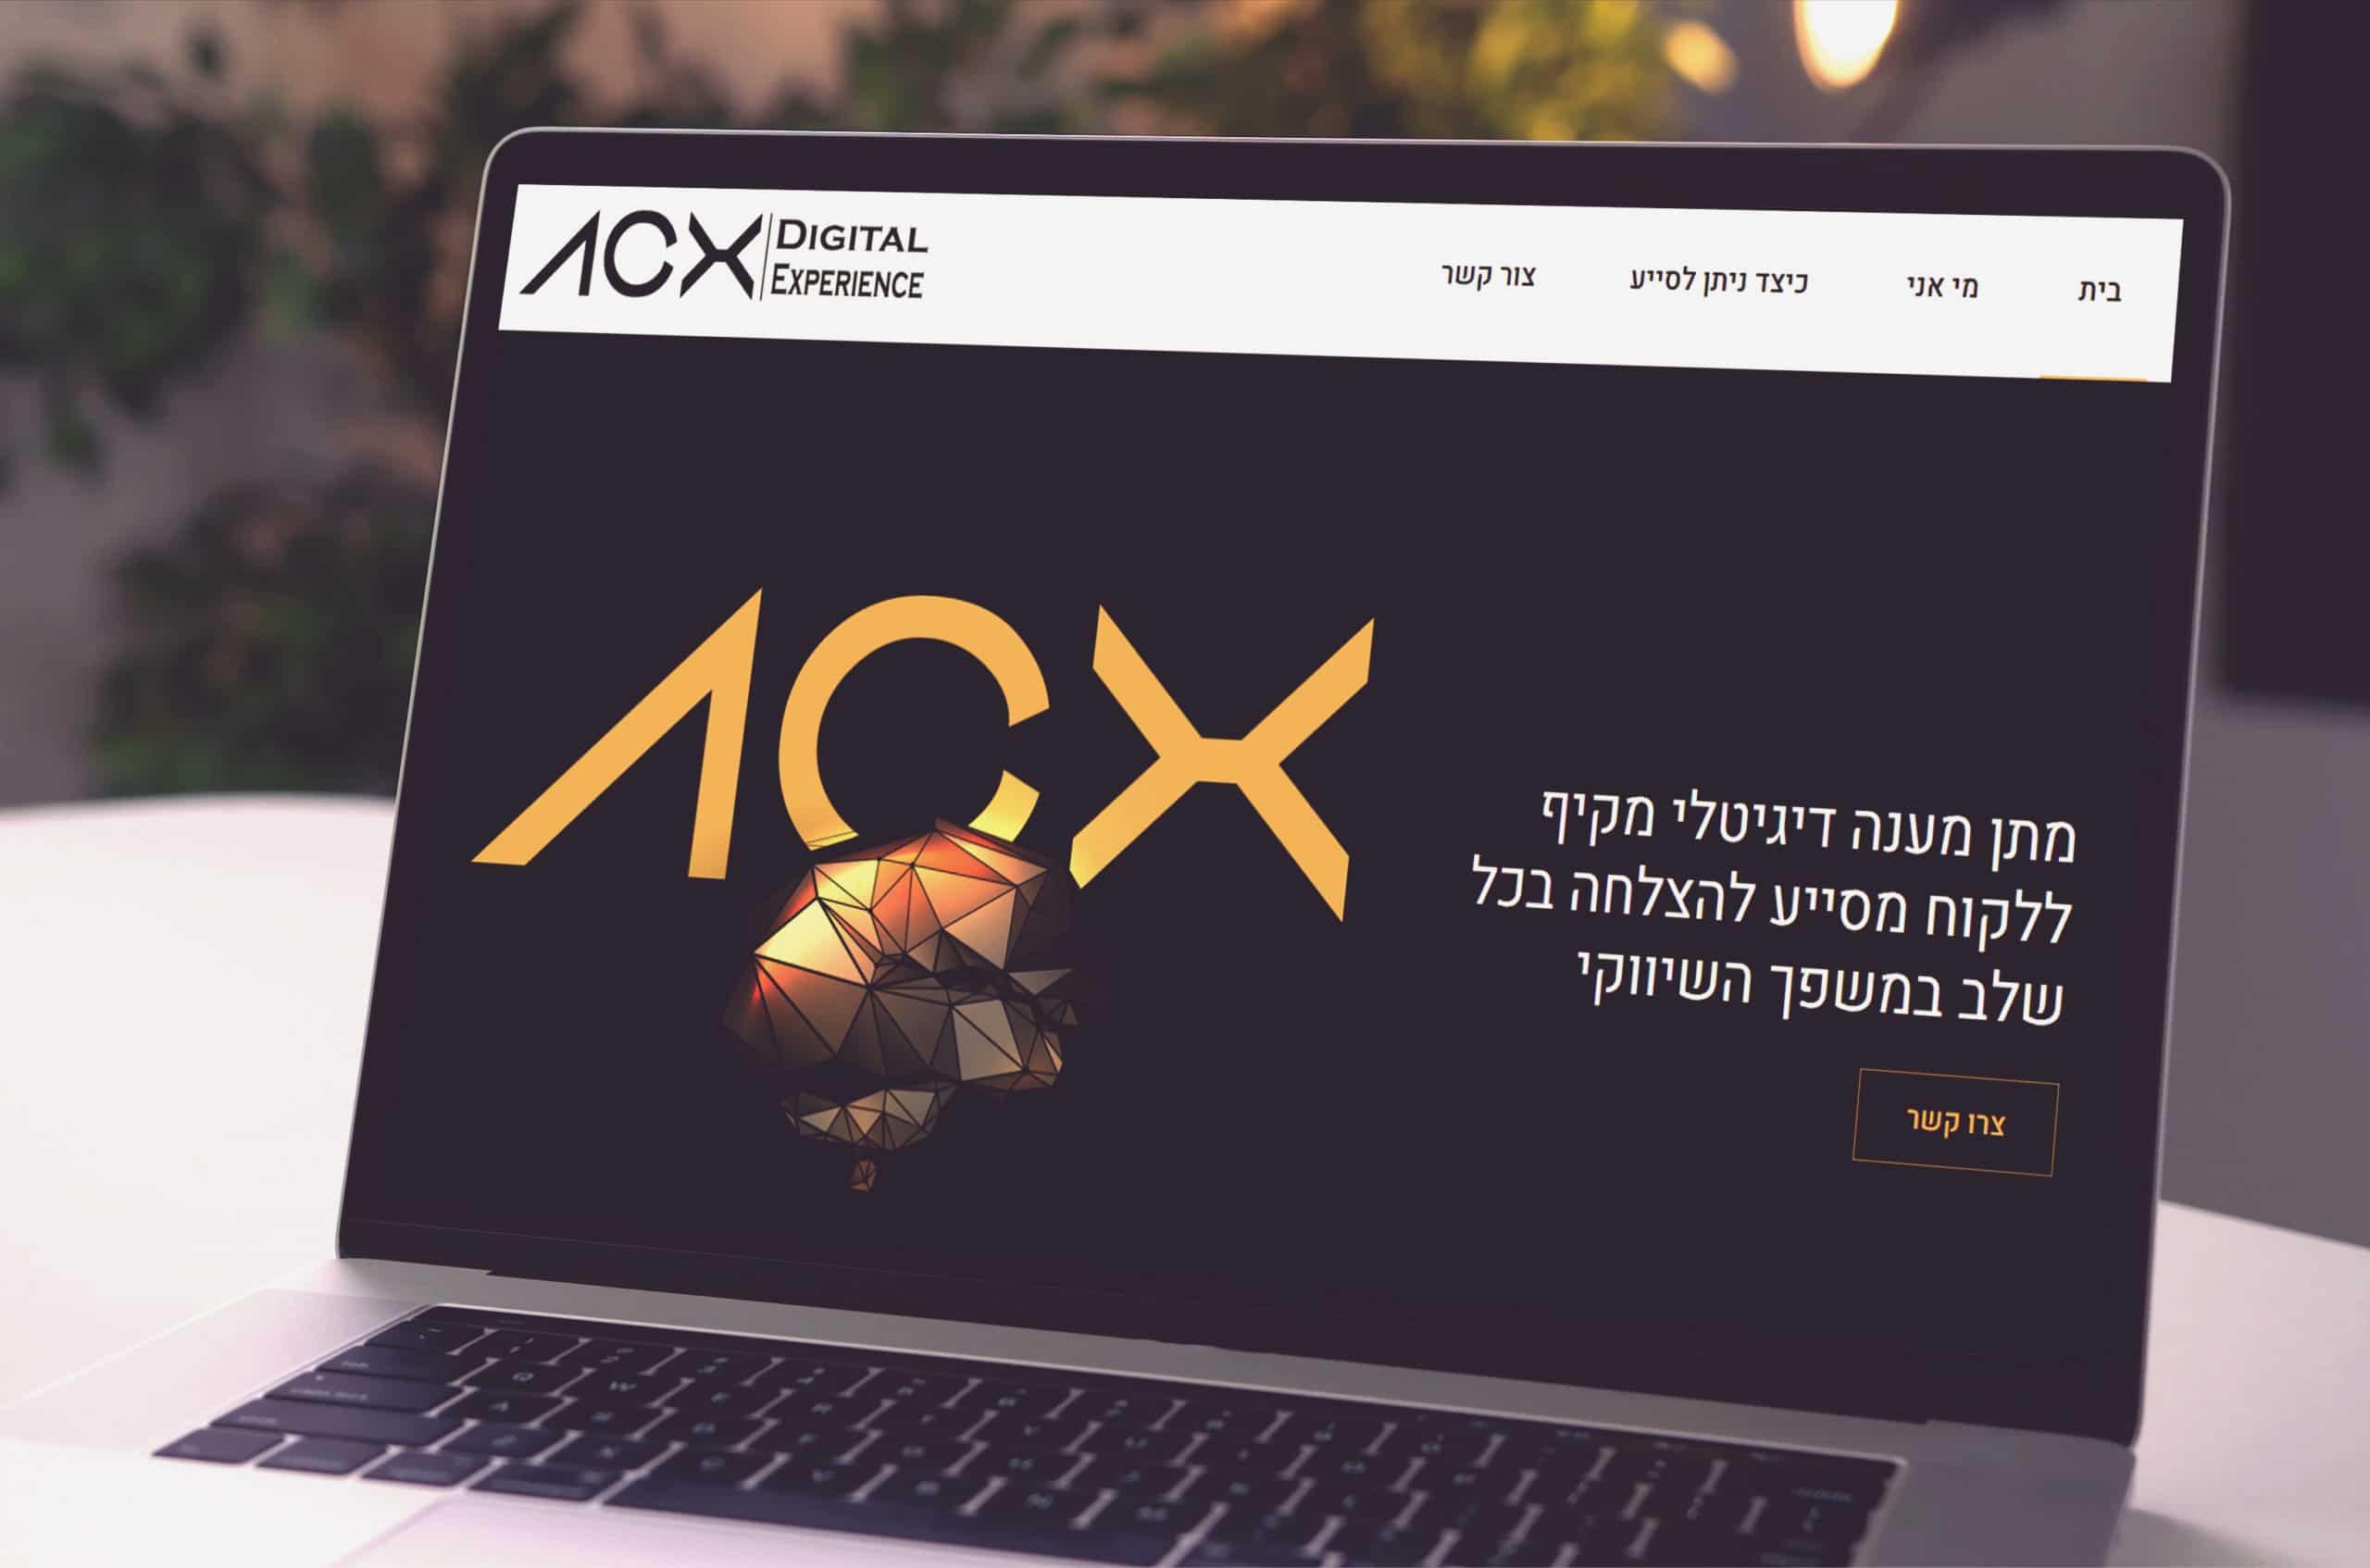 עיצוב ובניית אתר אנטרנט לאביב כהן